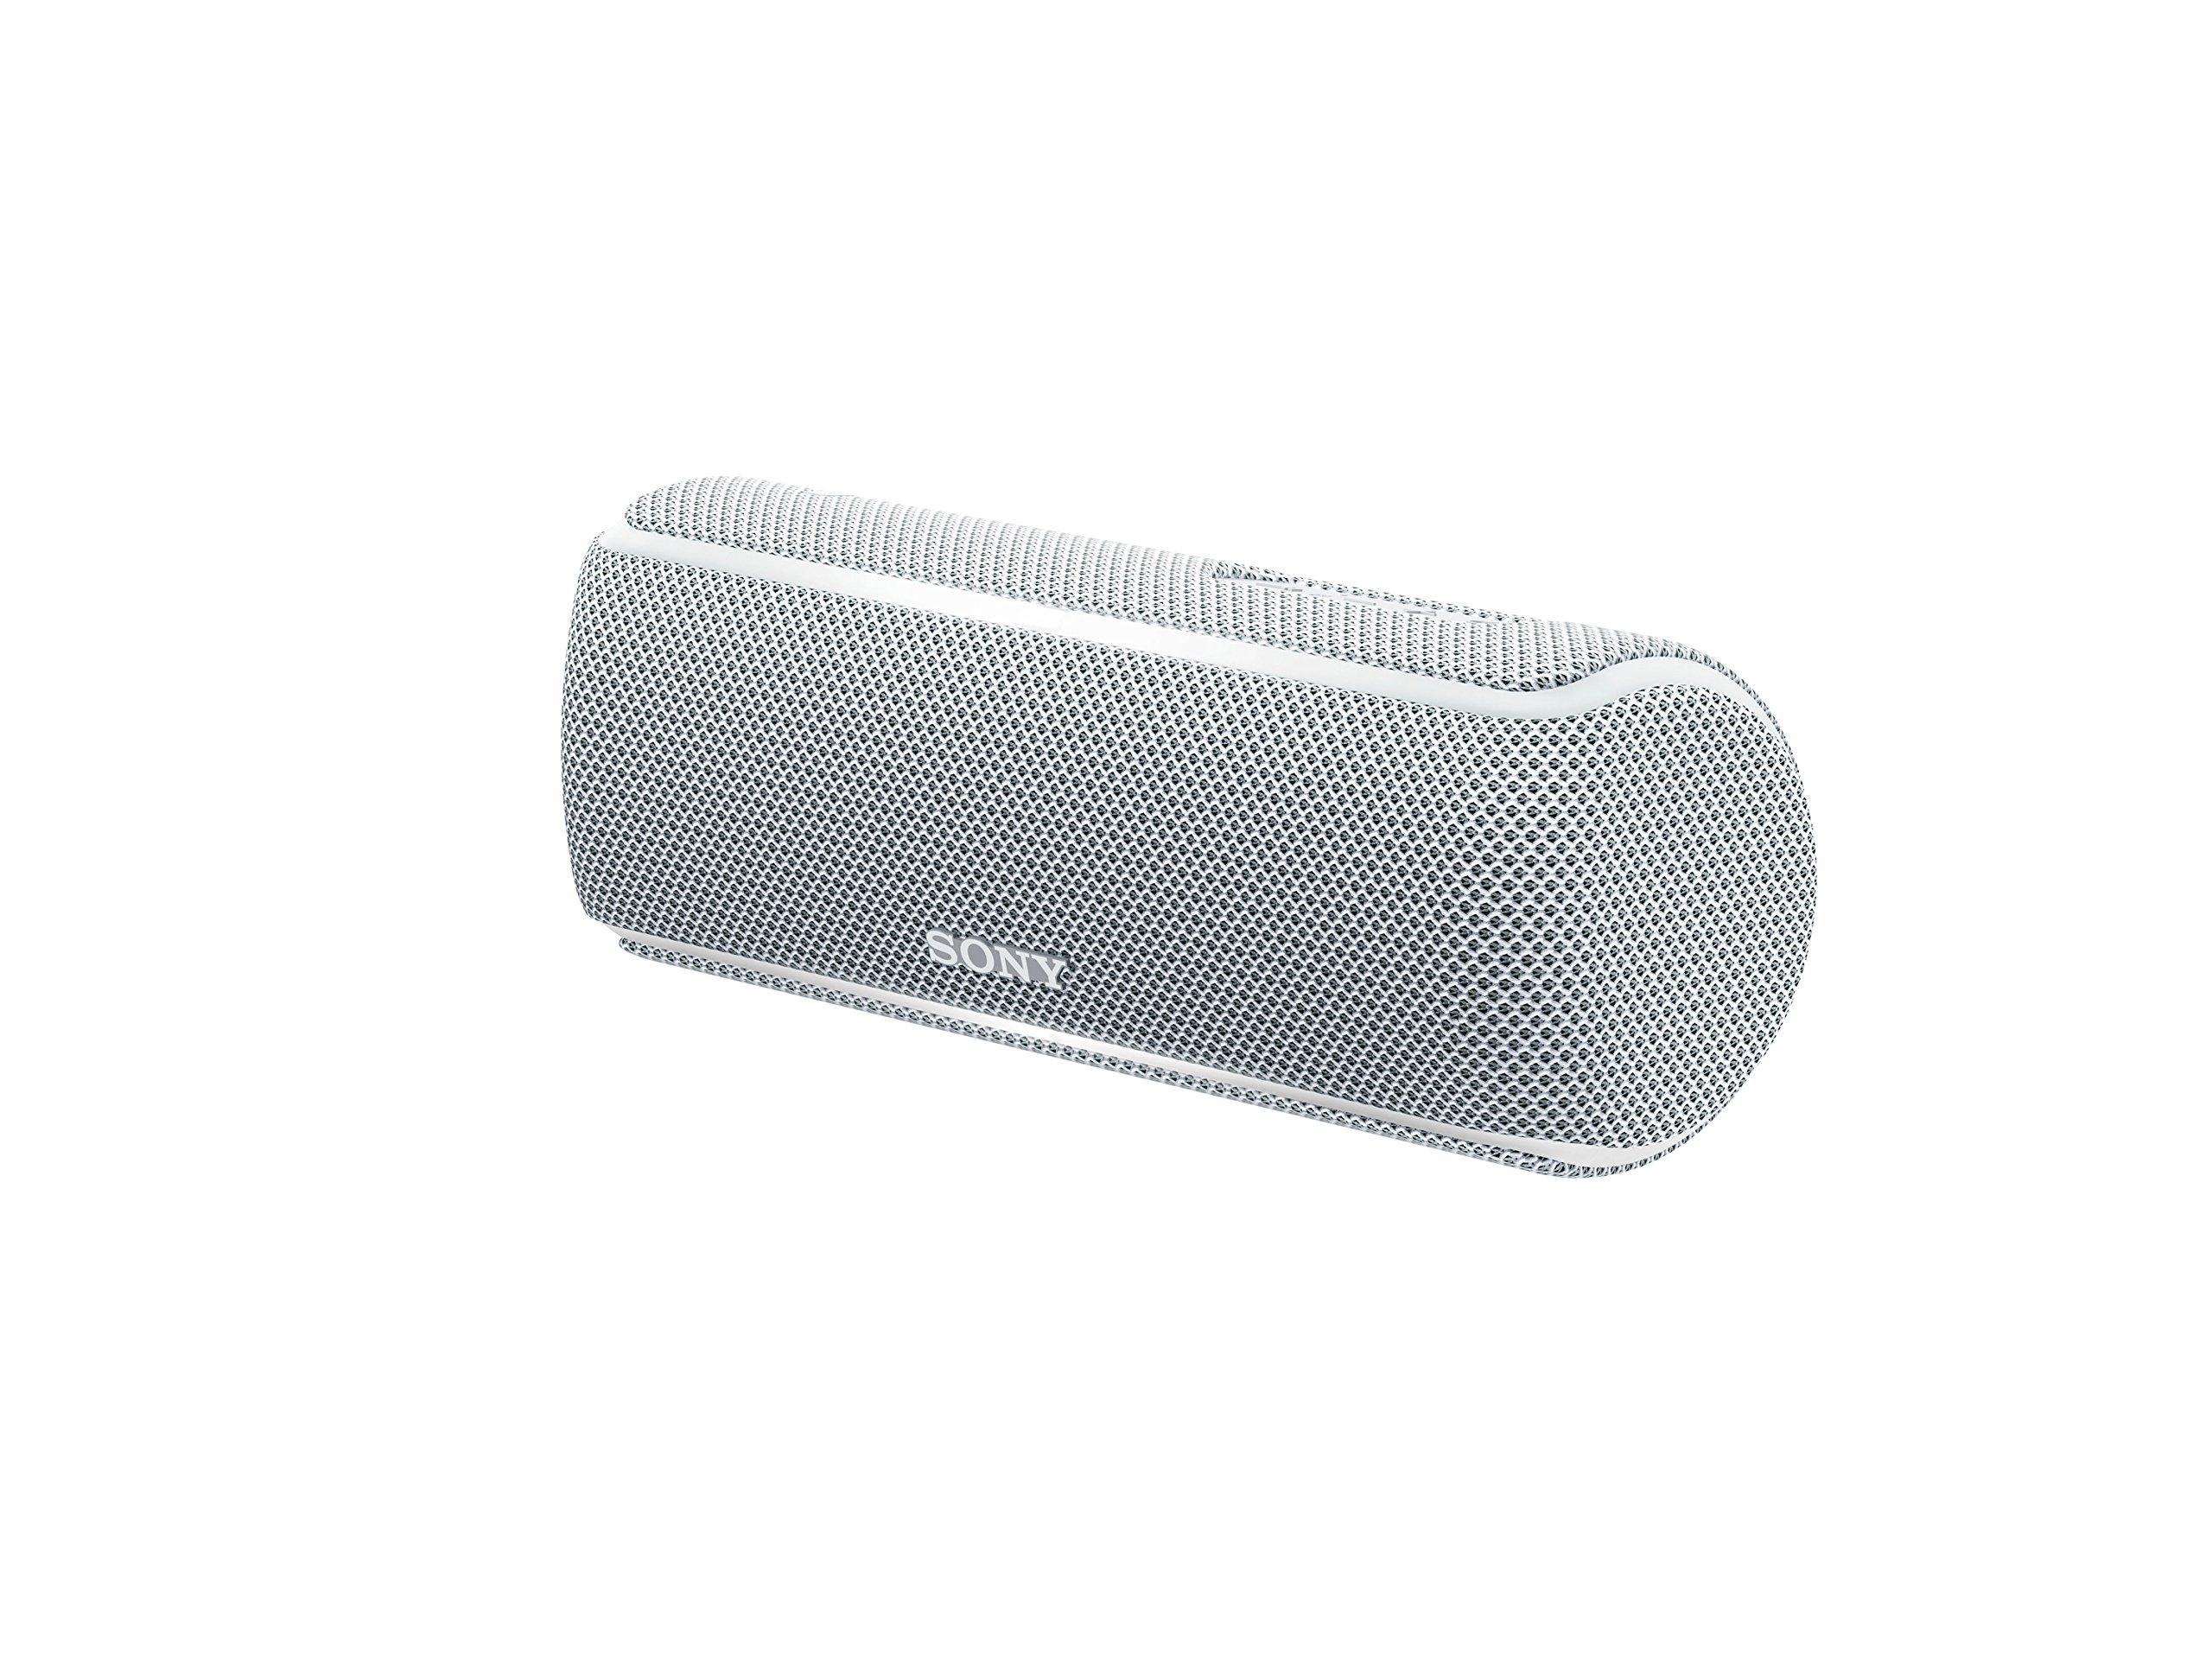 Sony Portable Wireless Waterproof Speaker 2